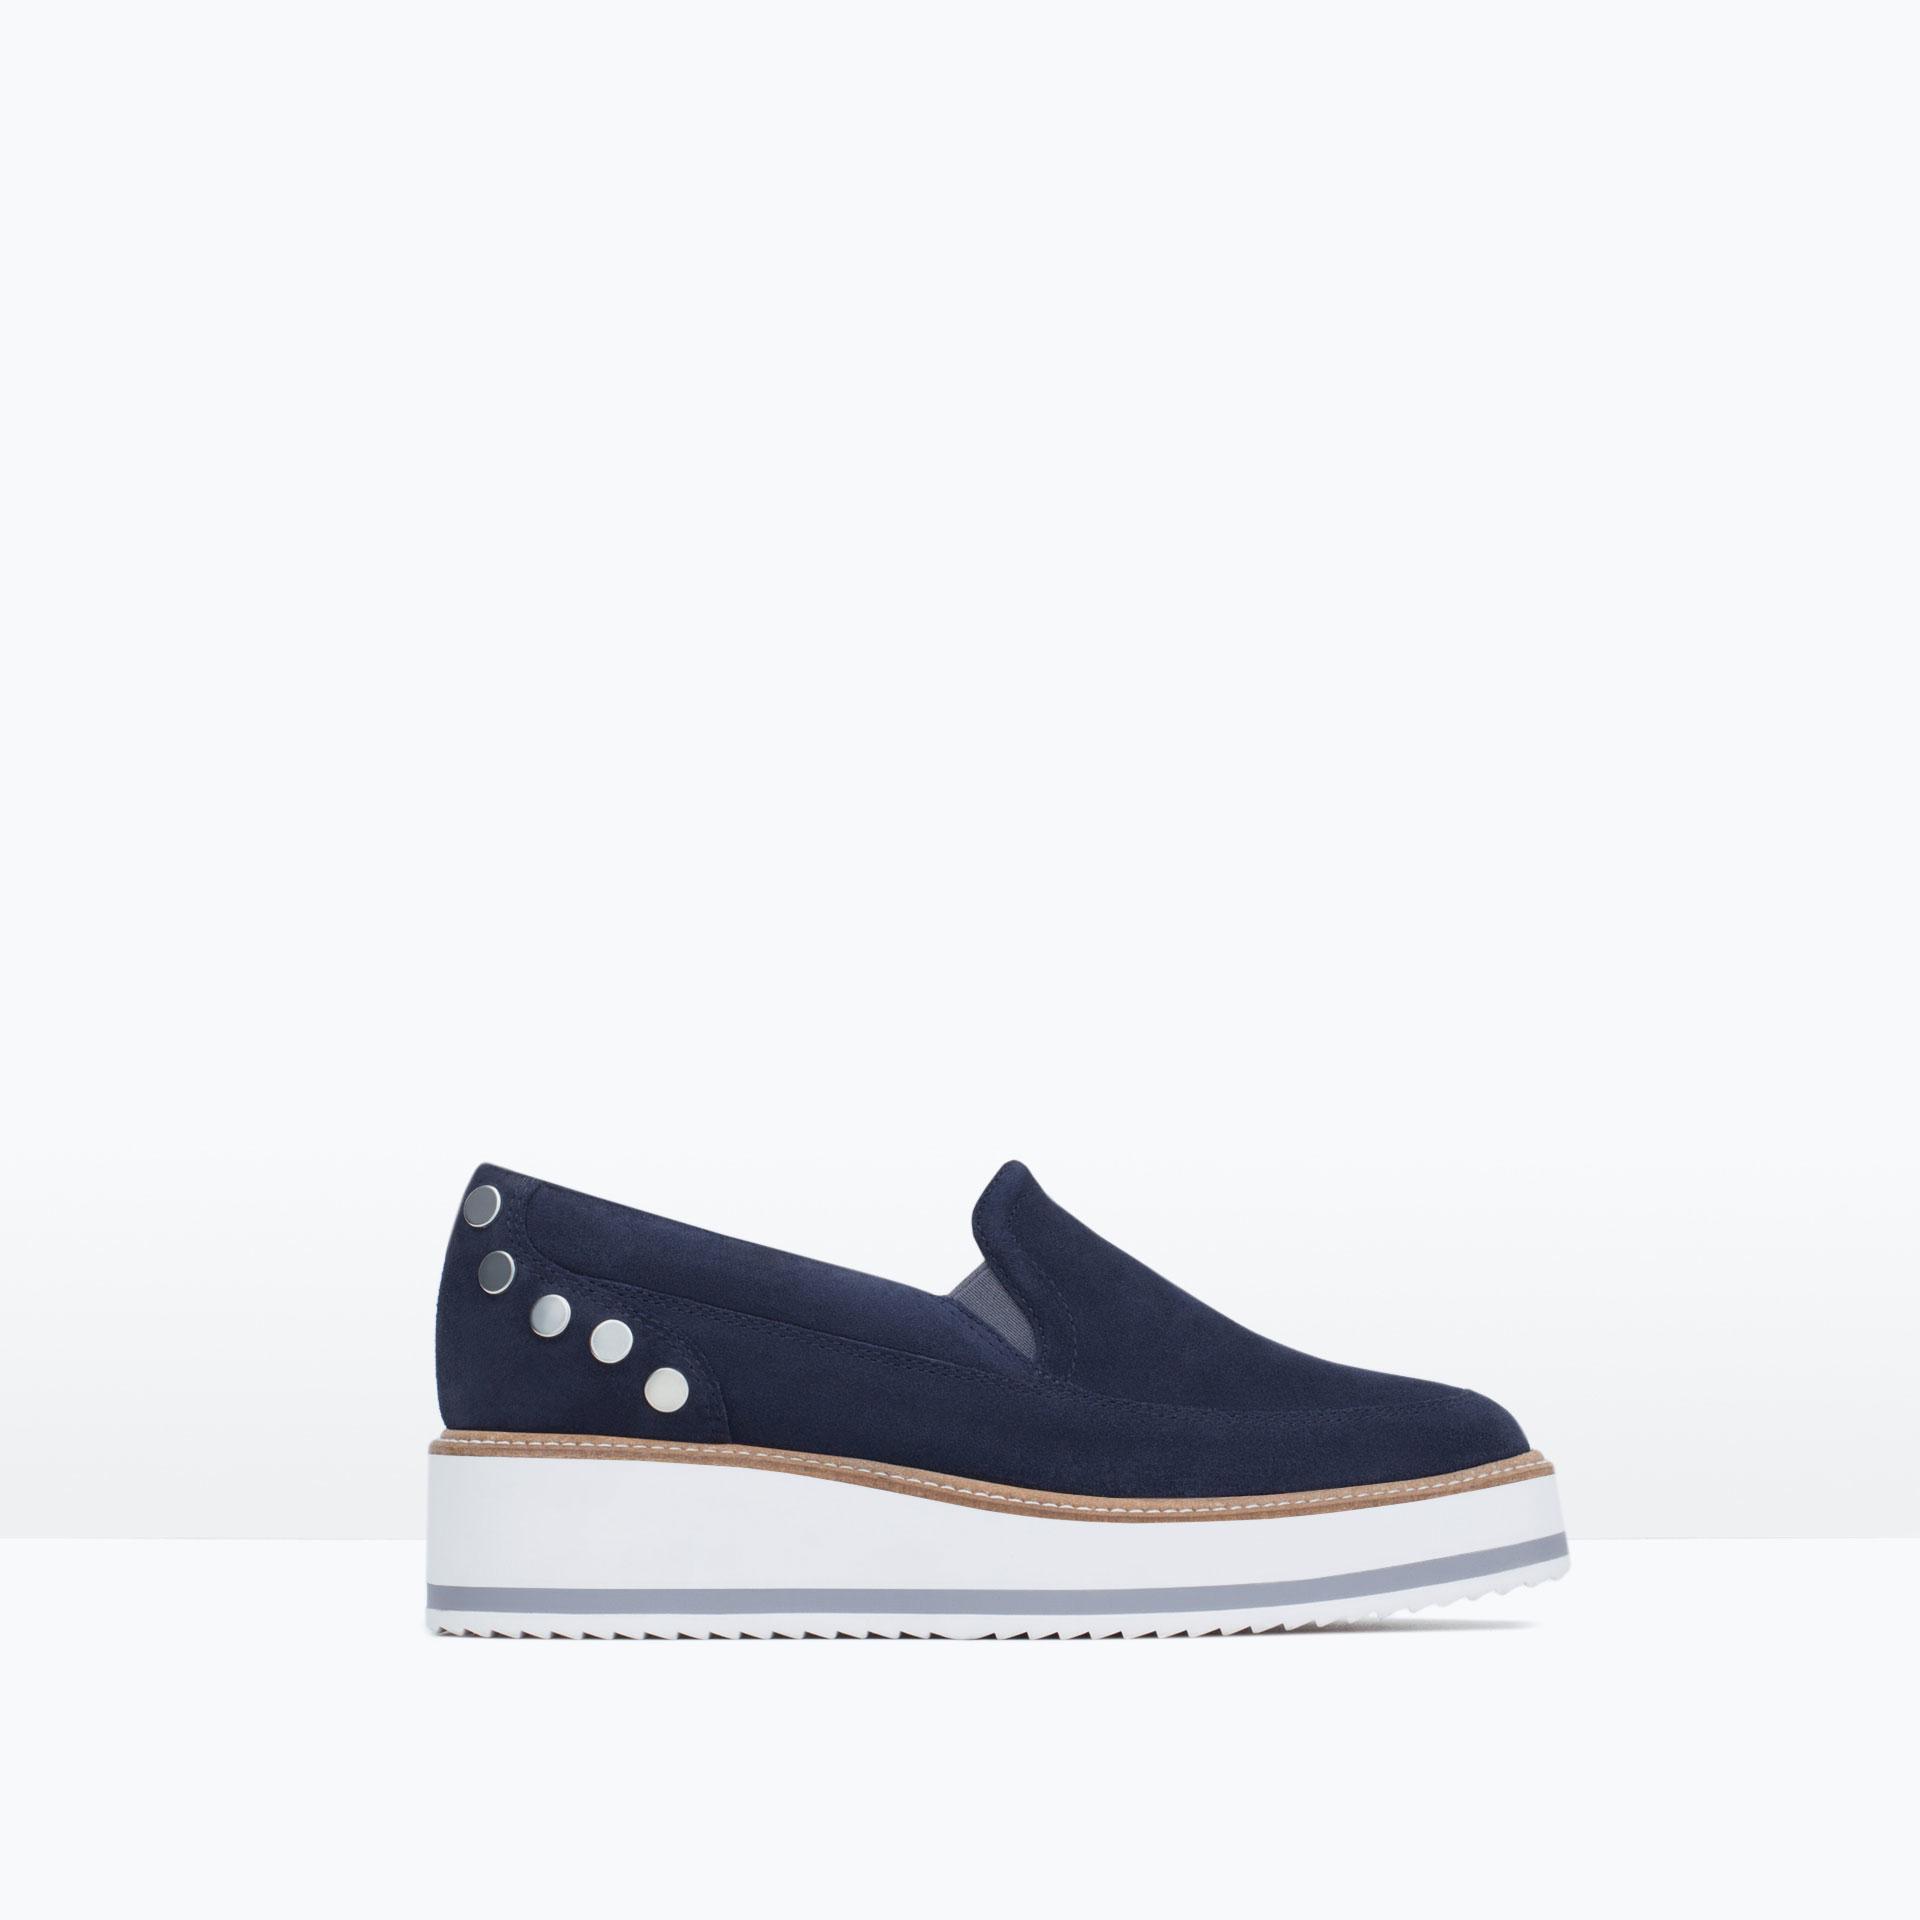 zara suede platform shoes in blue navy blue lyst